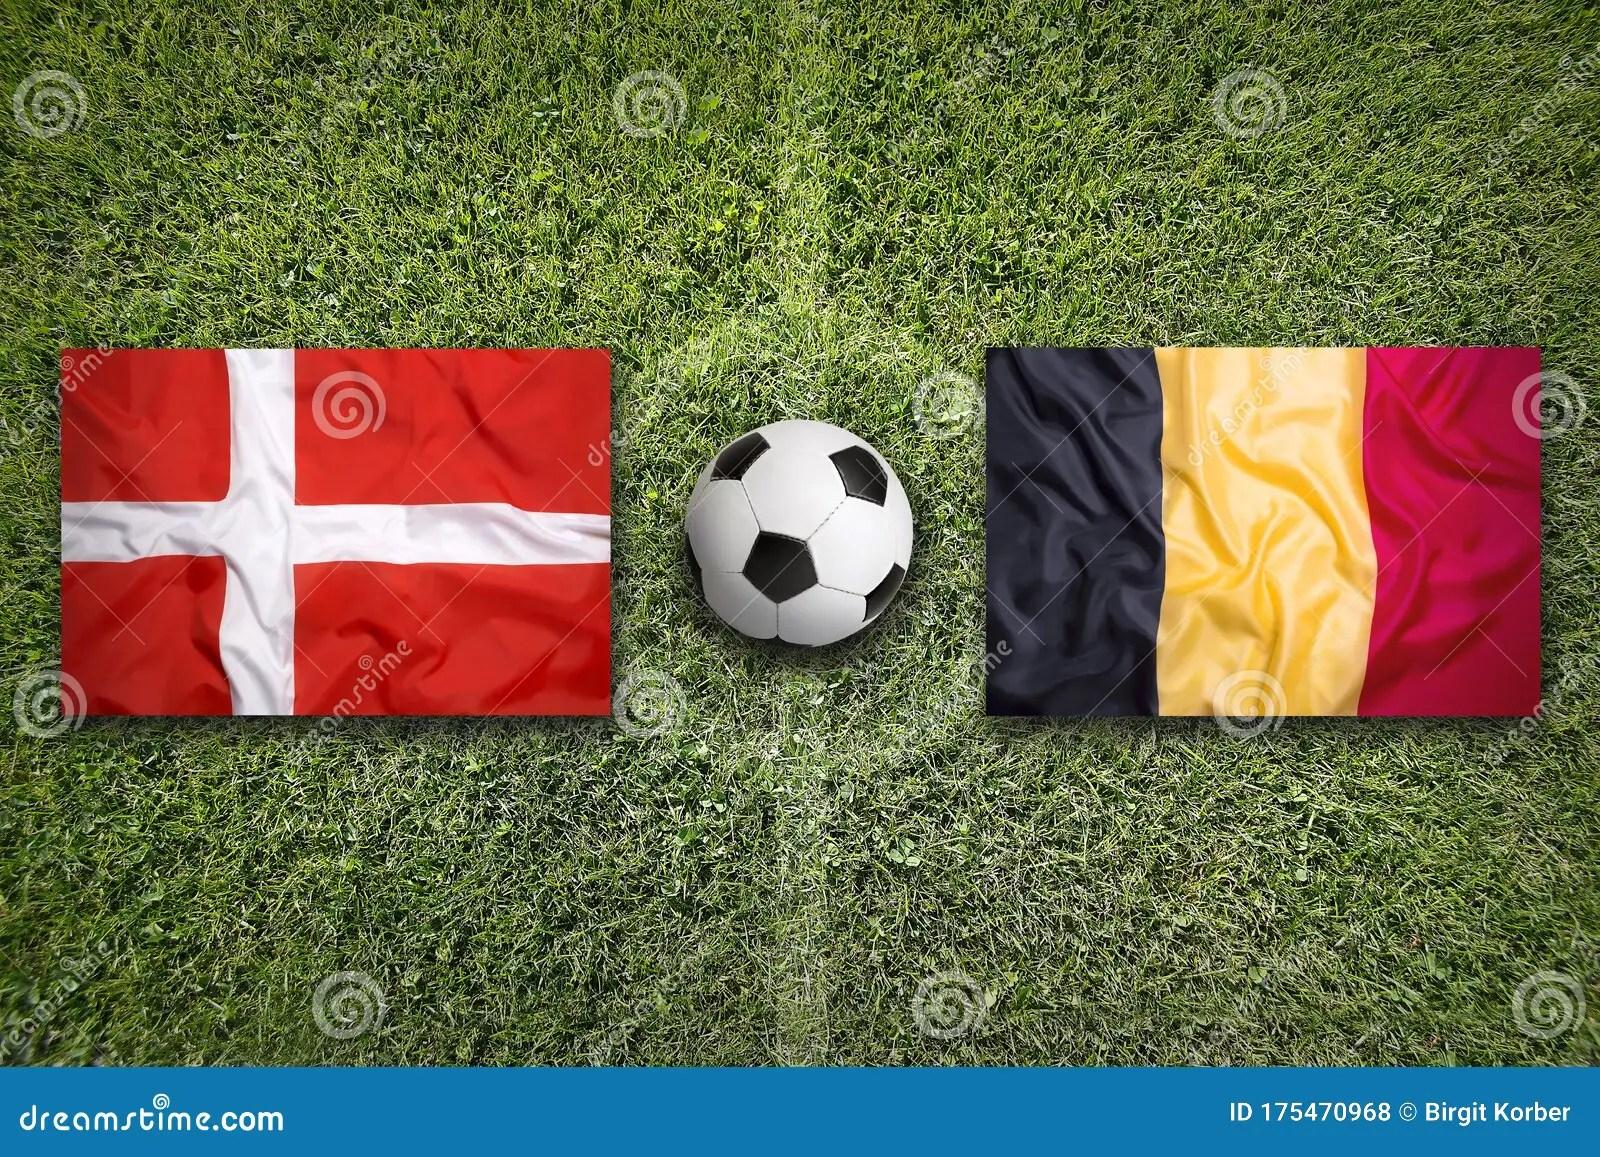 Get latest news, breaking news about belgium vs denmark. Denmark Vs. Belgium Flags On Soccer Field Stock Photo ...